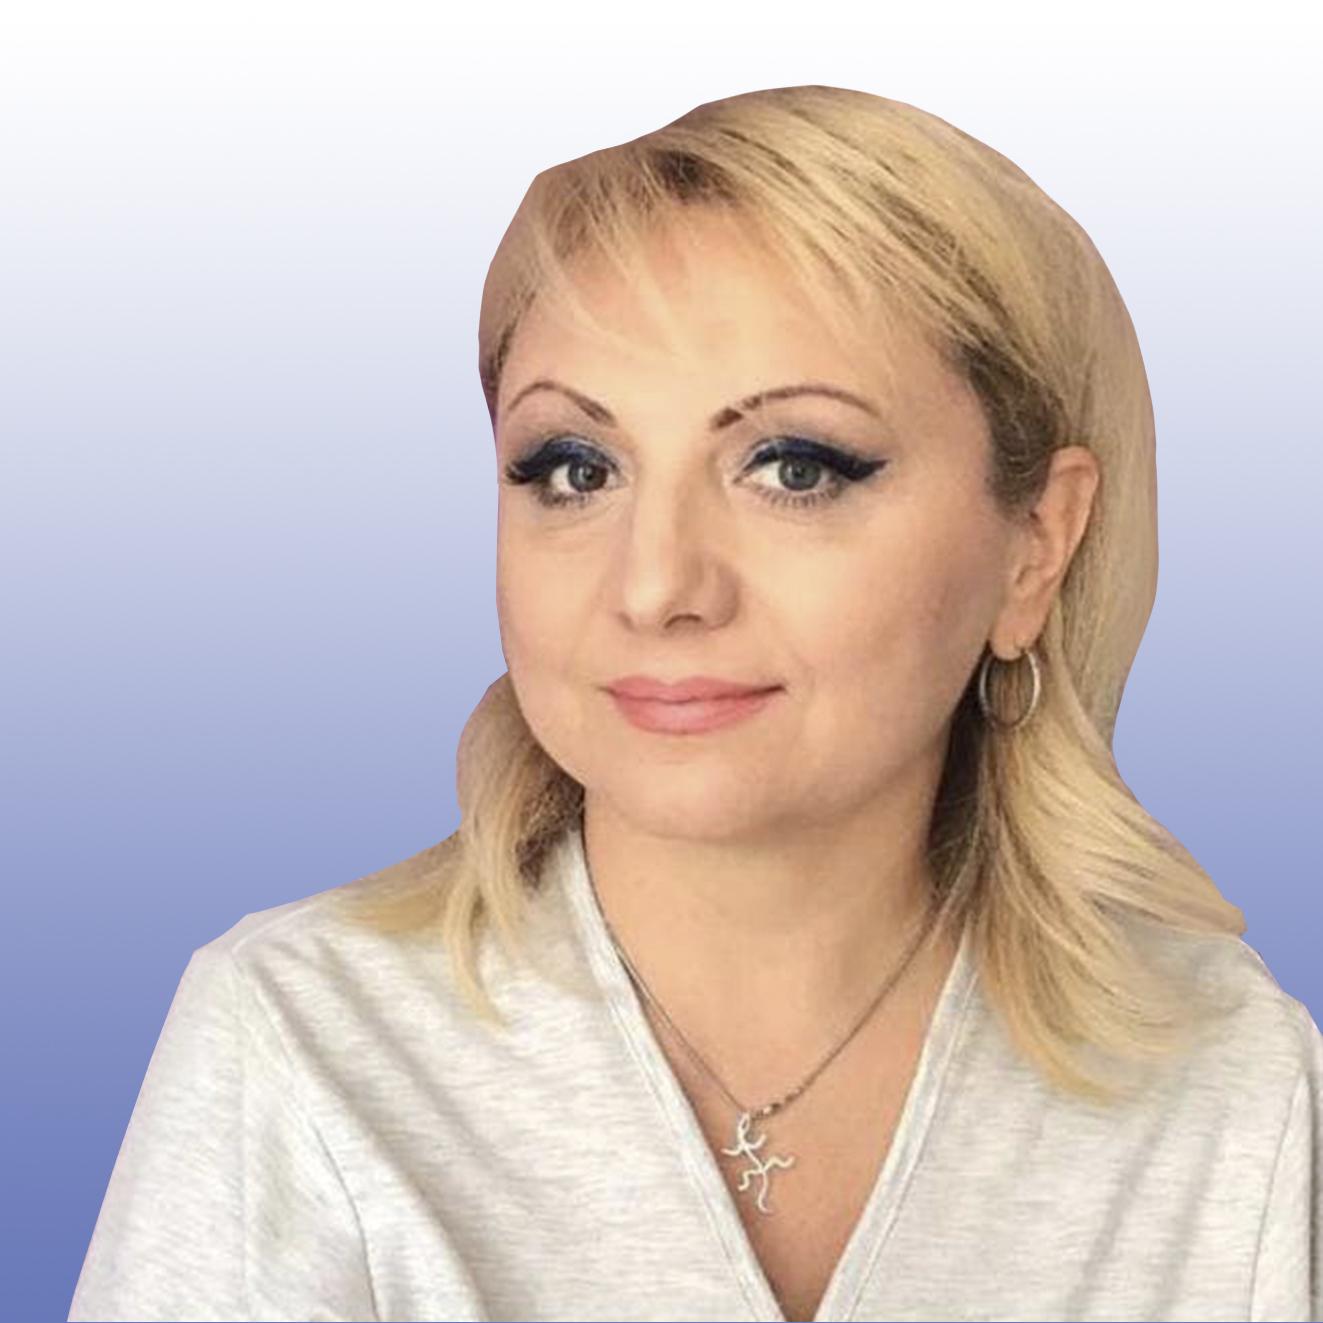 Деточкина Виолетта Робертовна